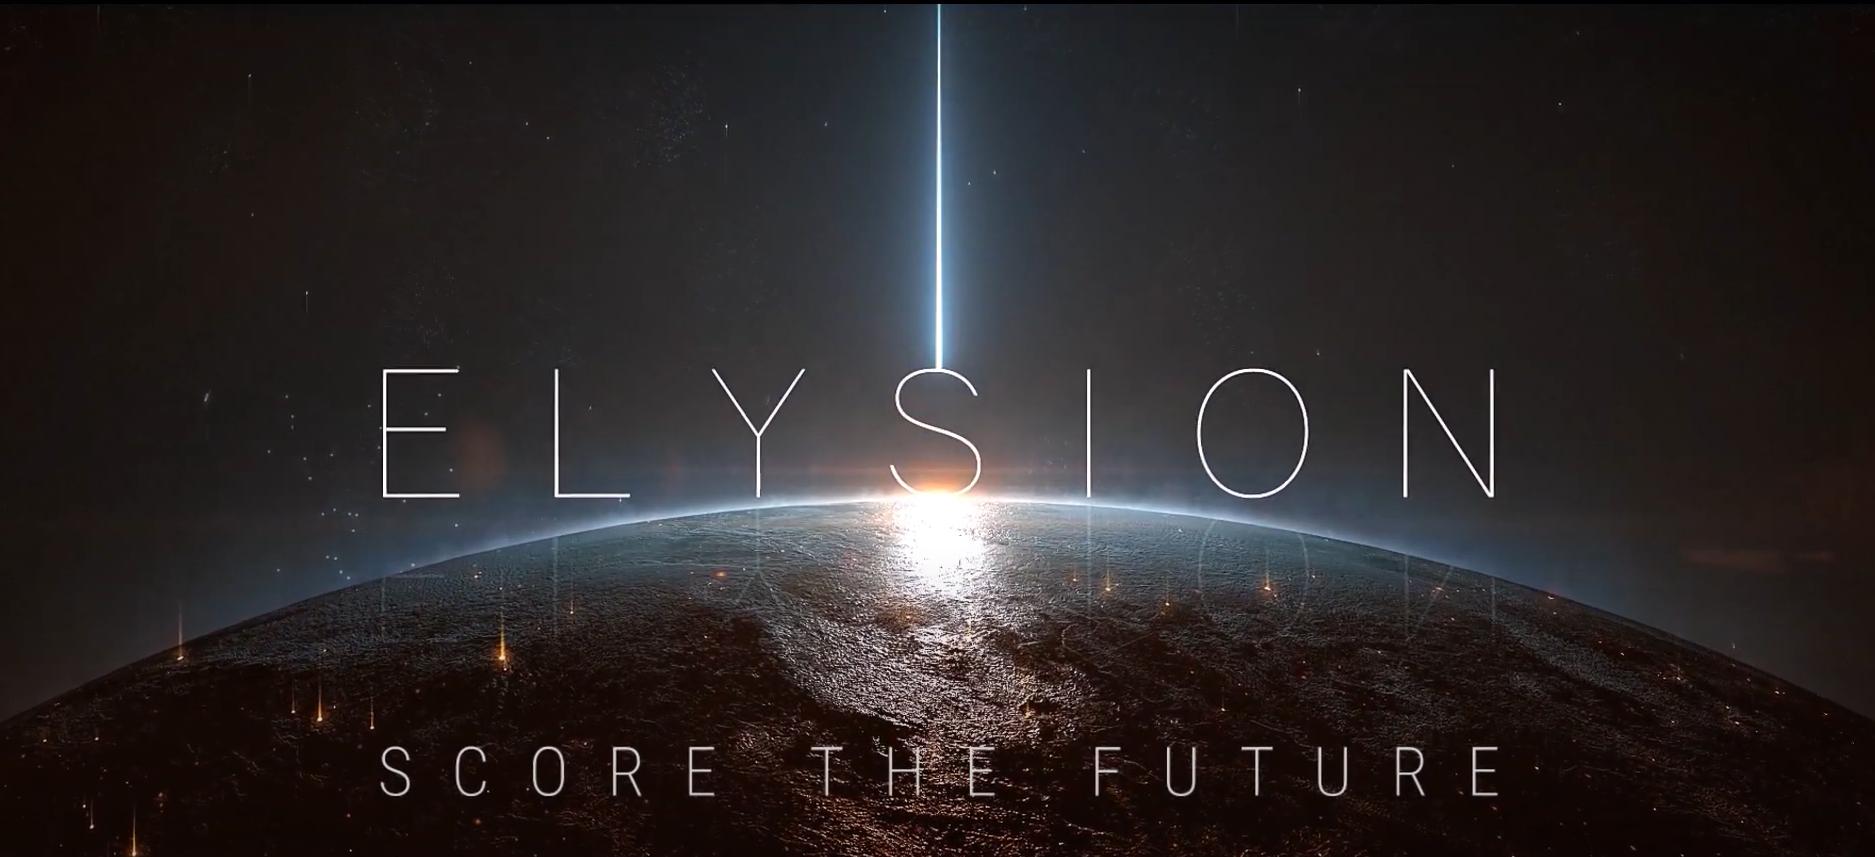 Sonuscore 'Elysion' commercial